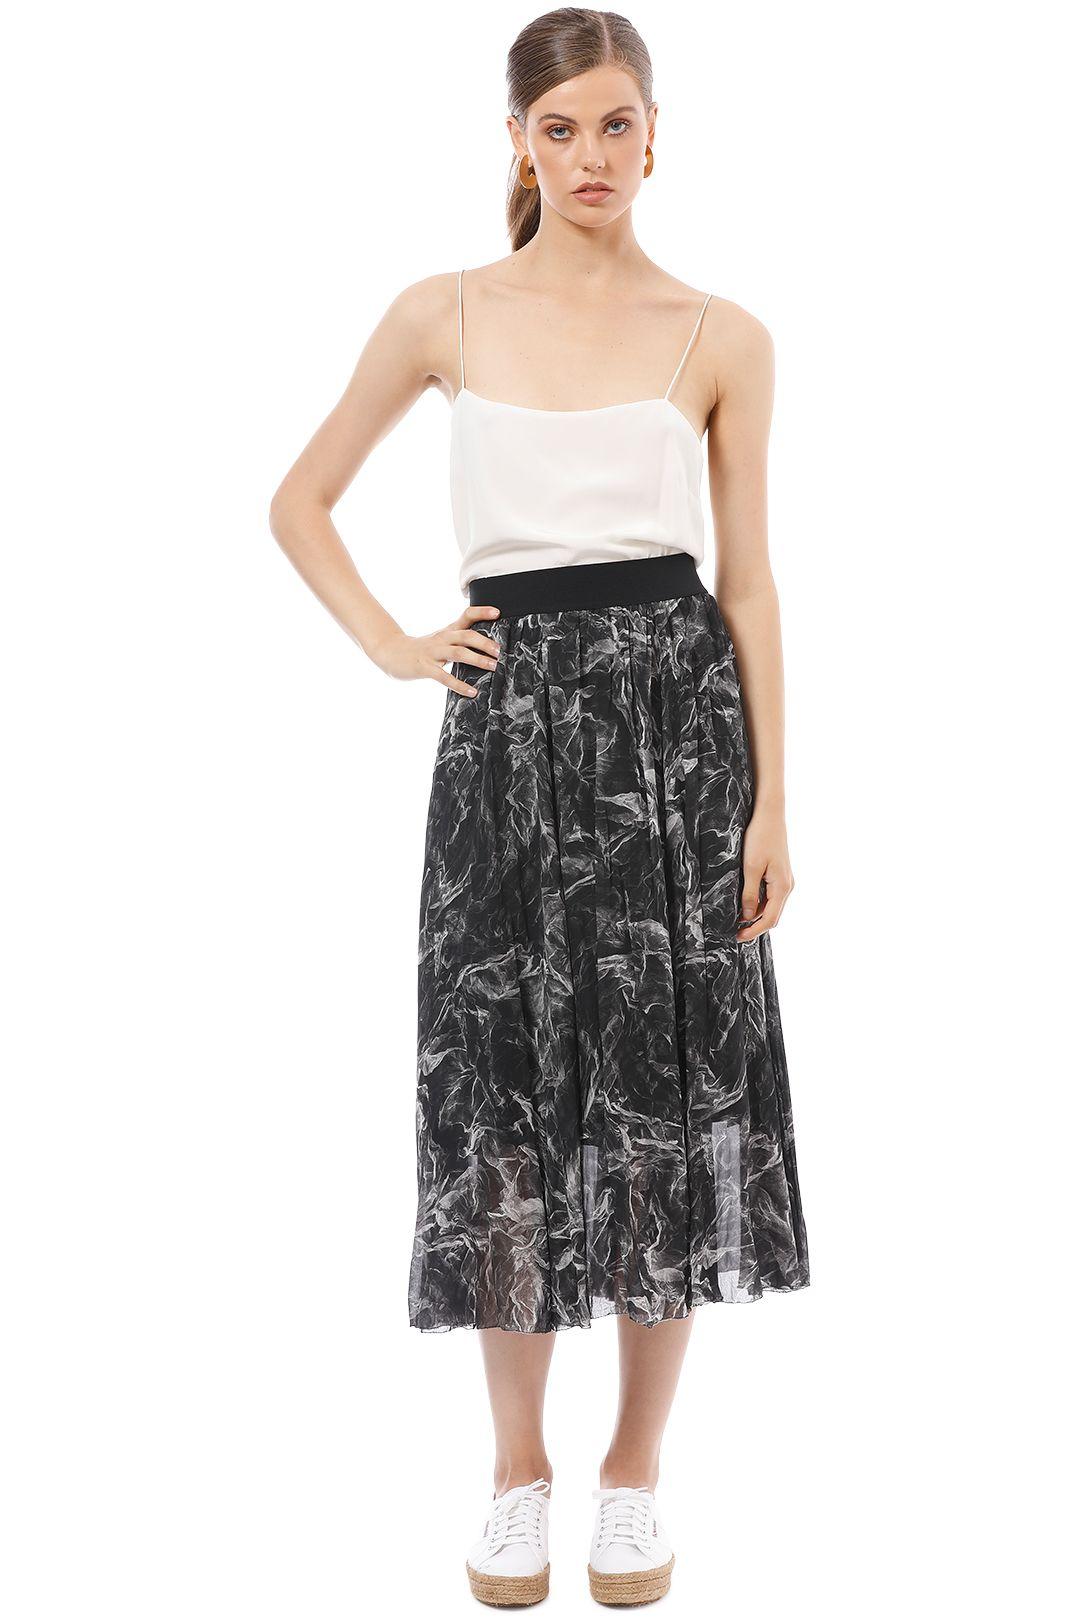 Saba - Misty Midi Skirt - Print - Front